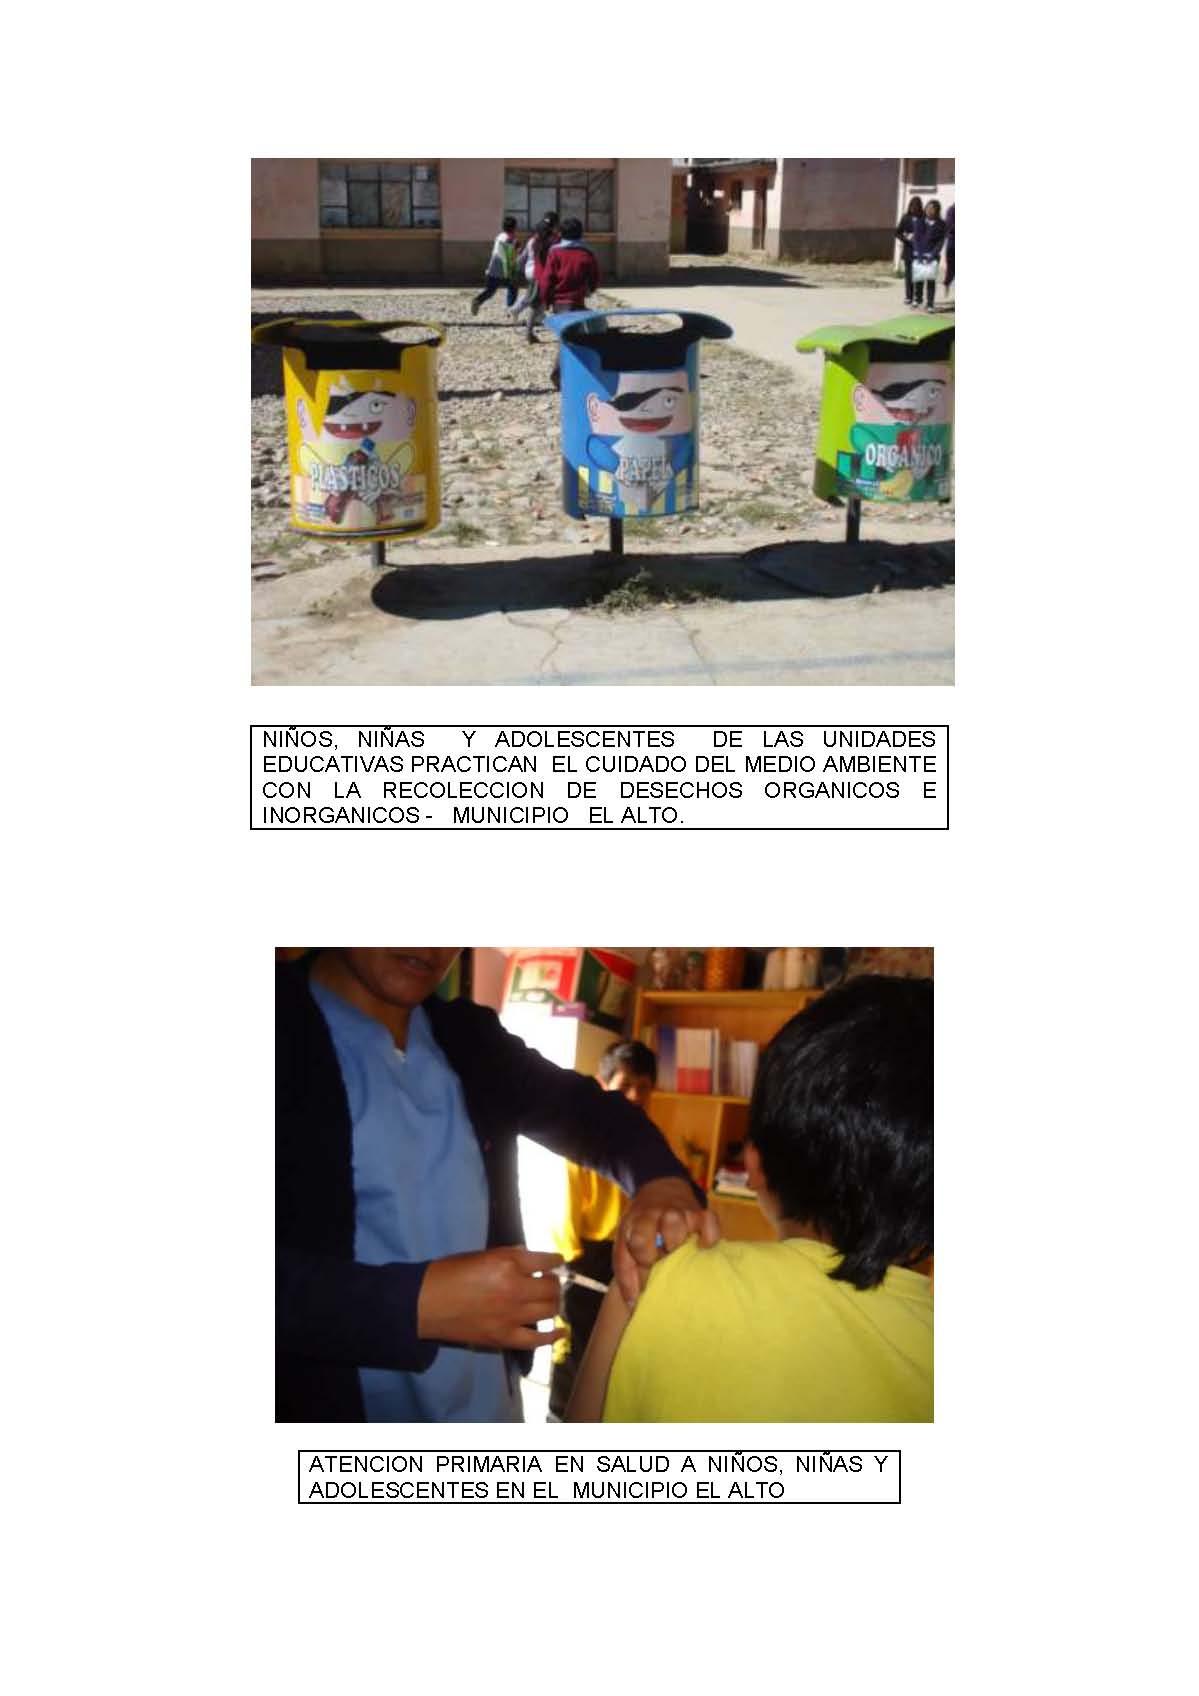 REPORTE FOTOGRAFICO 10-2013_Seite_15